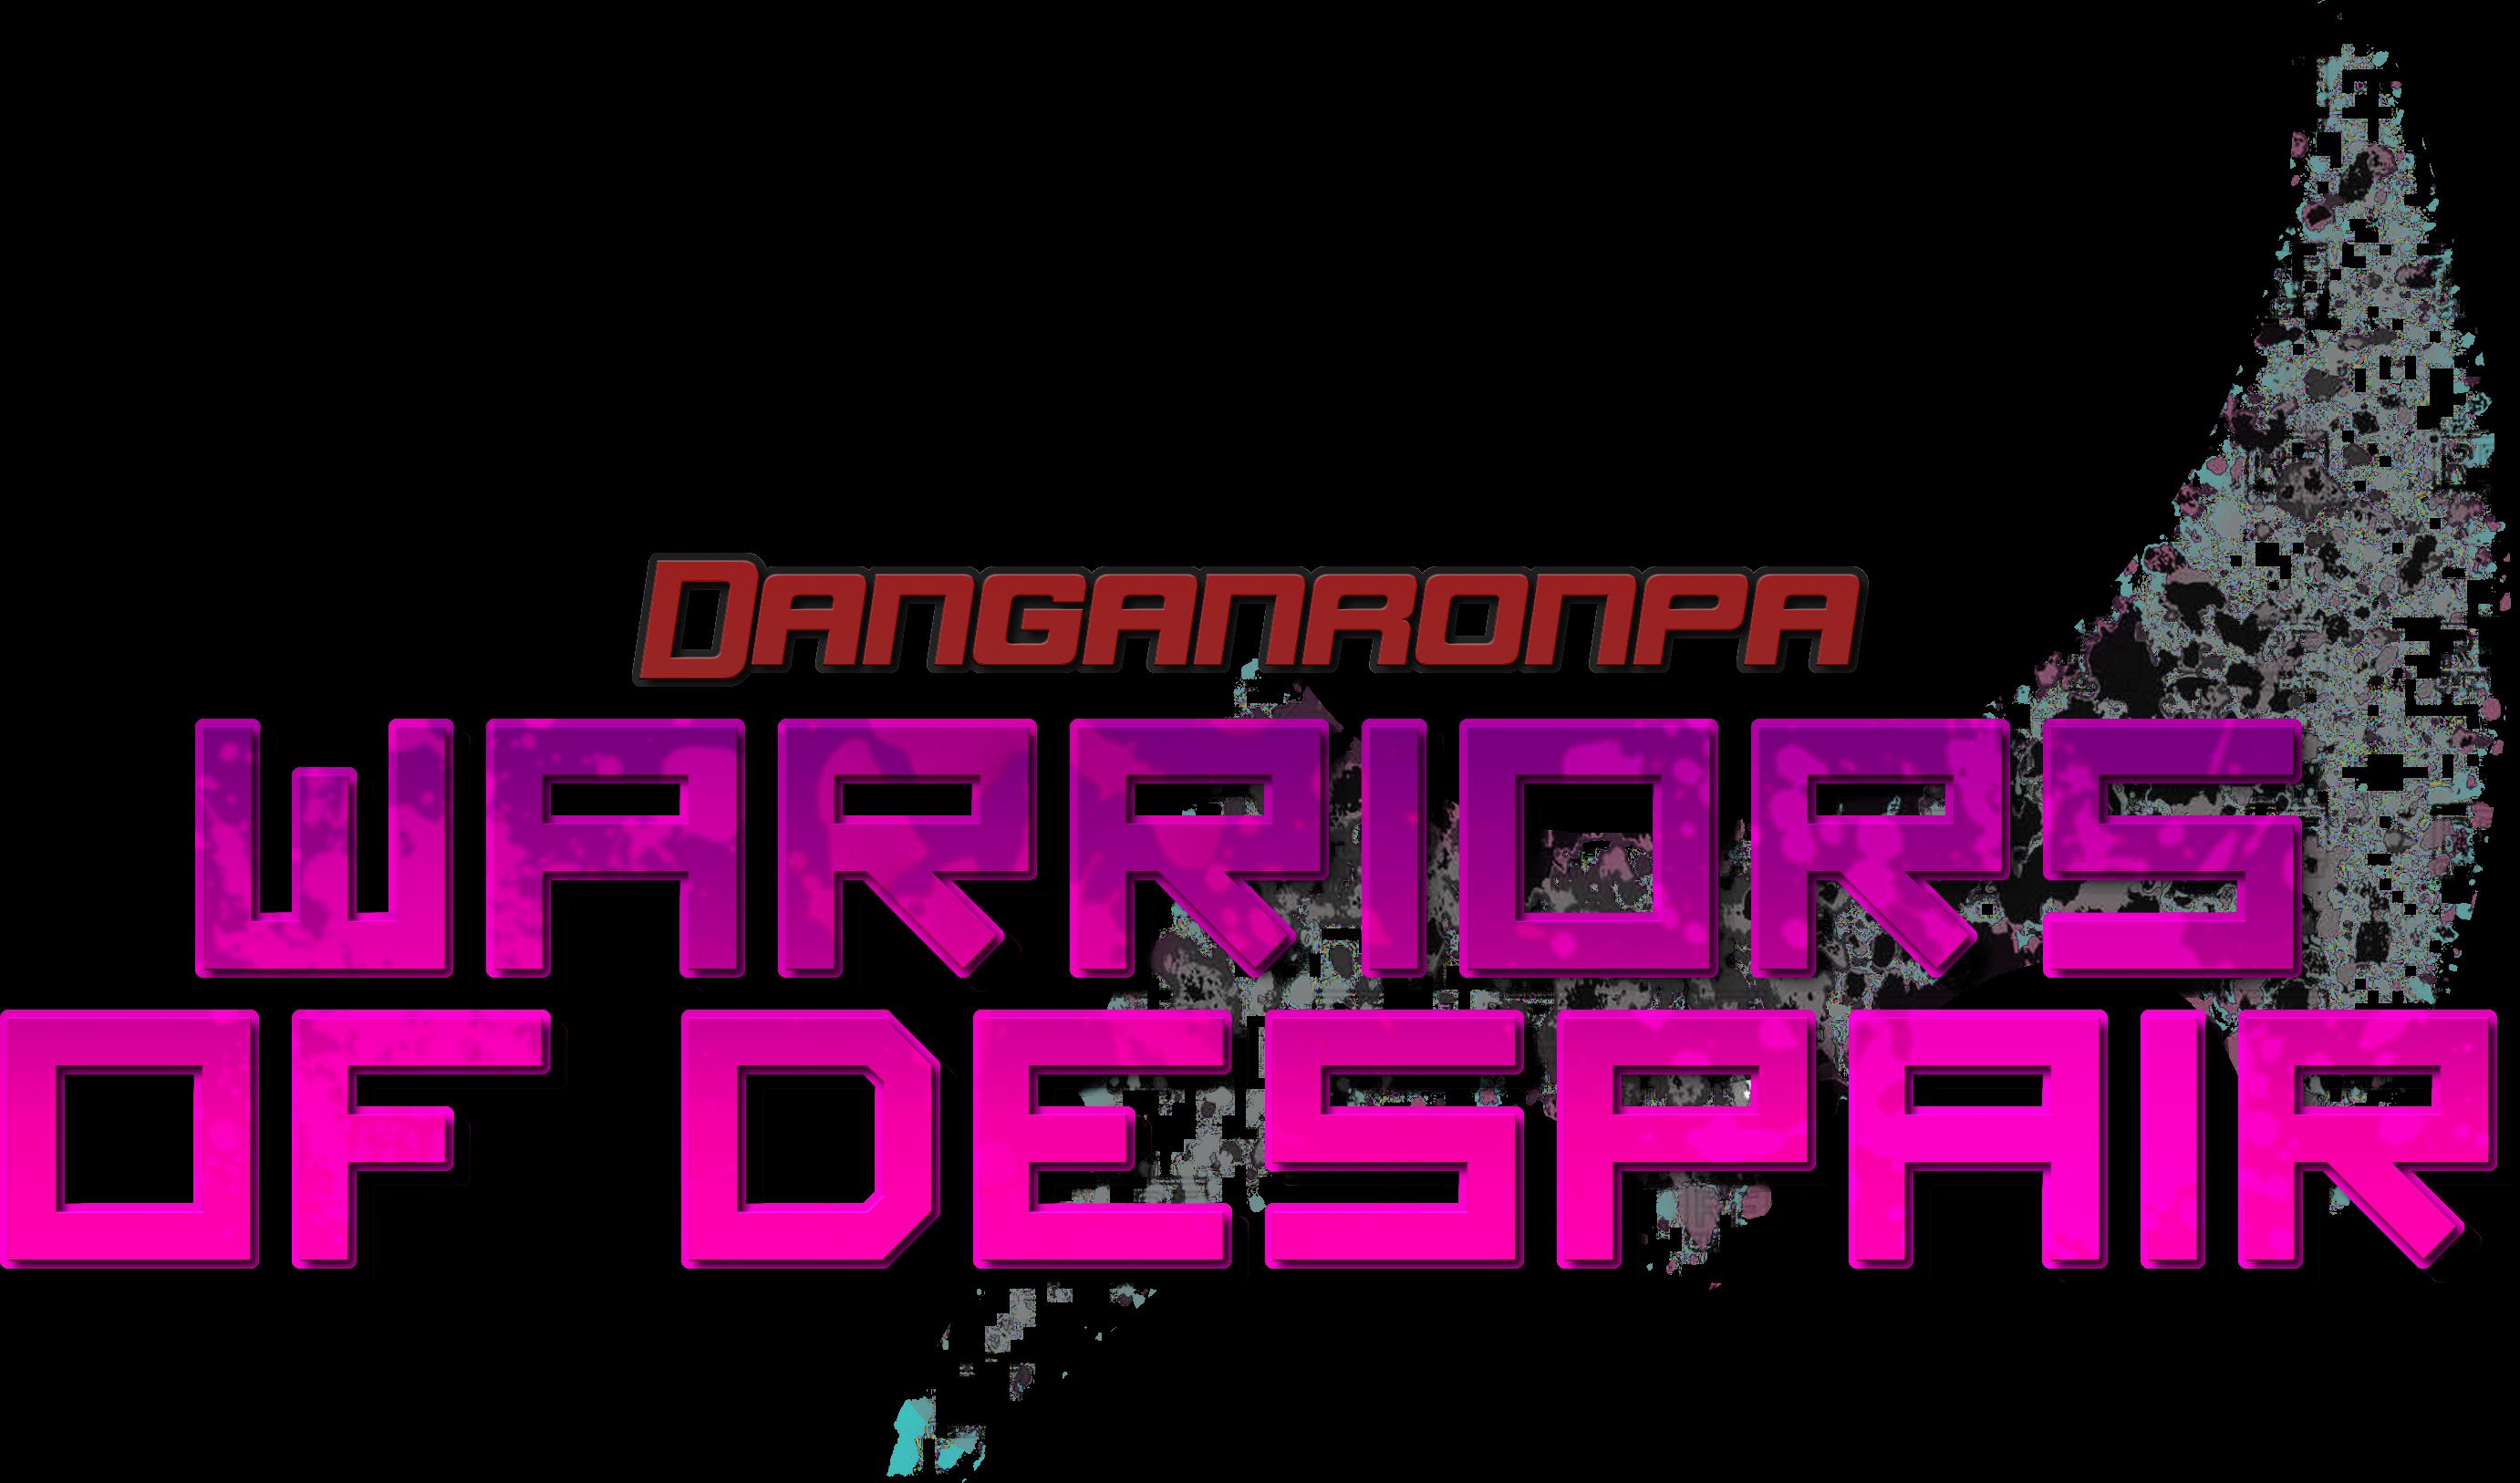 Danganronpa: Warriors of Despair